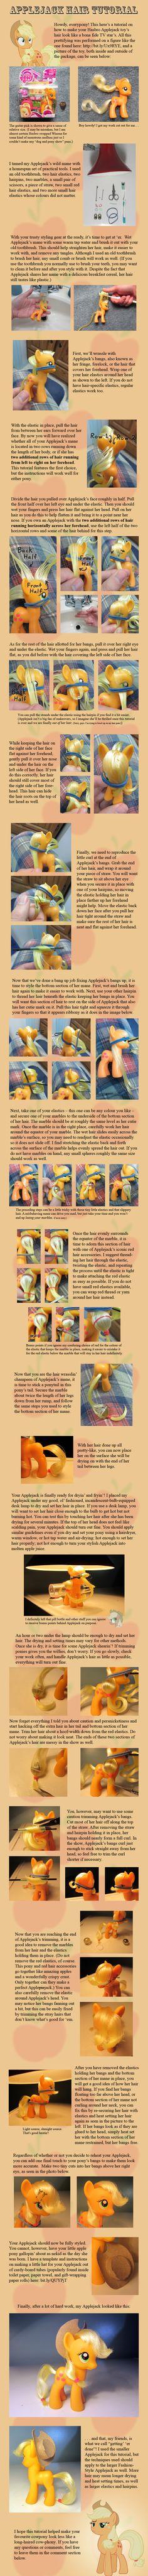 Applejack Hair Tutorial by countschlick.deviantart.com